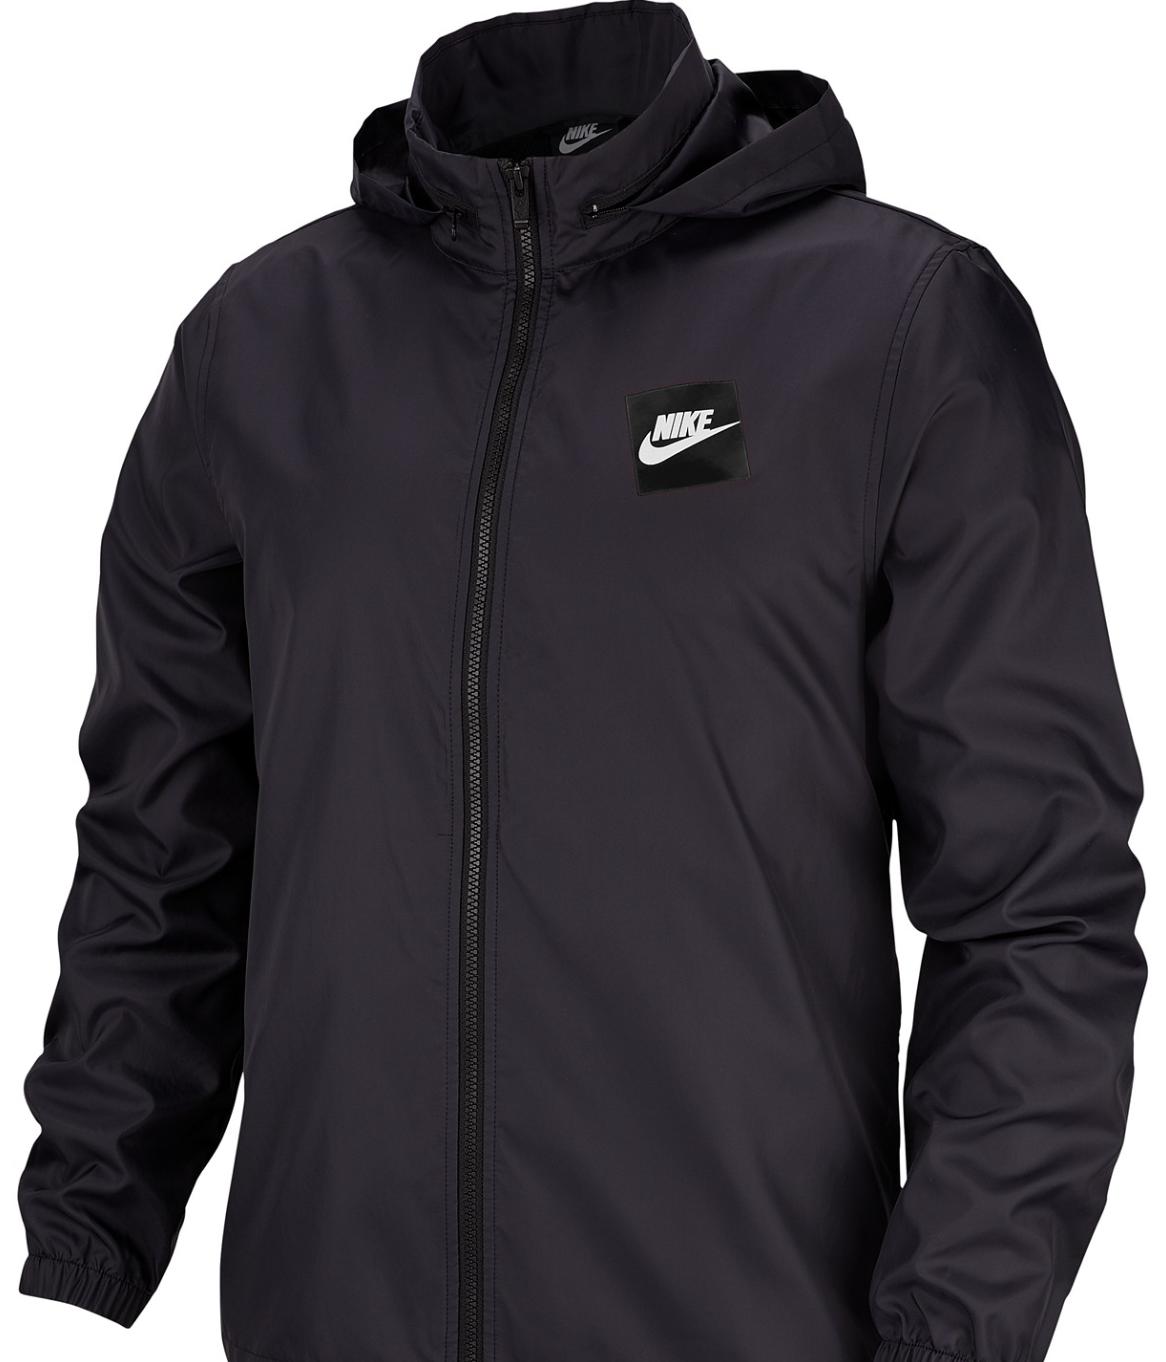 Mens Nike Coat Macys coupon code